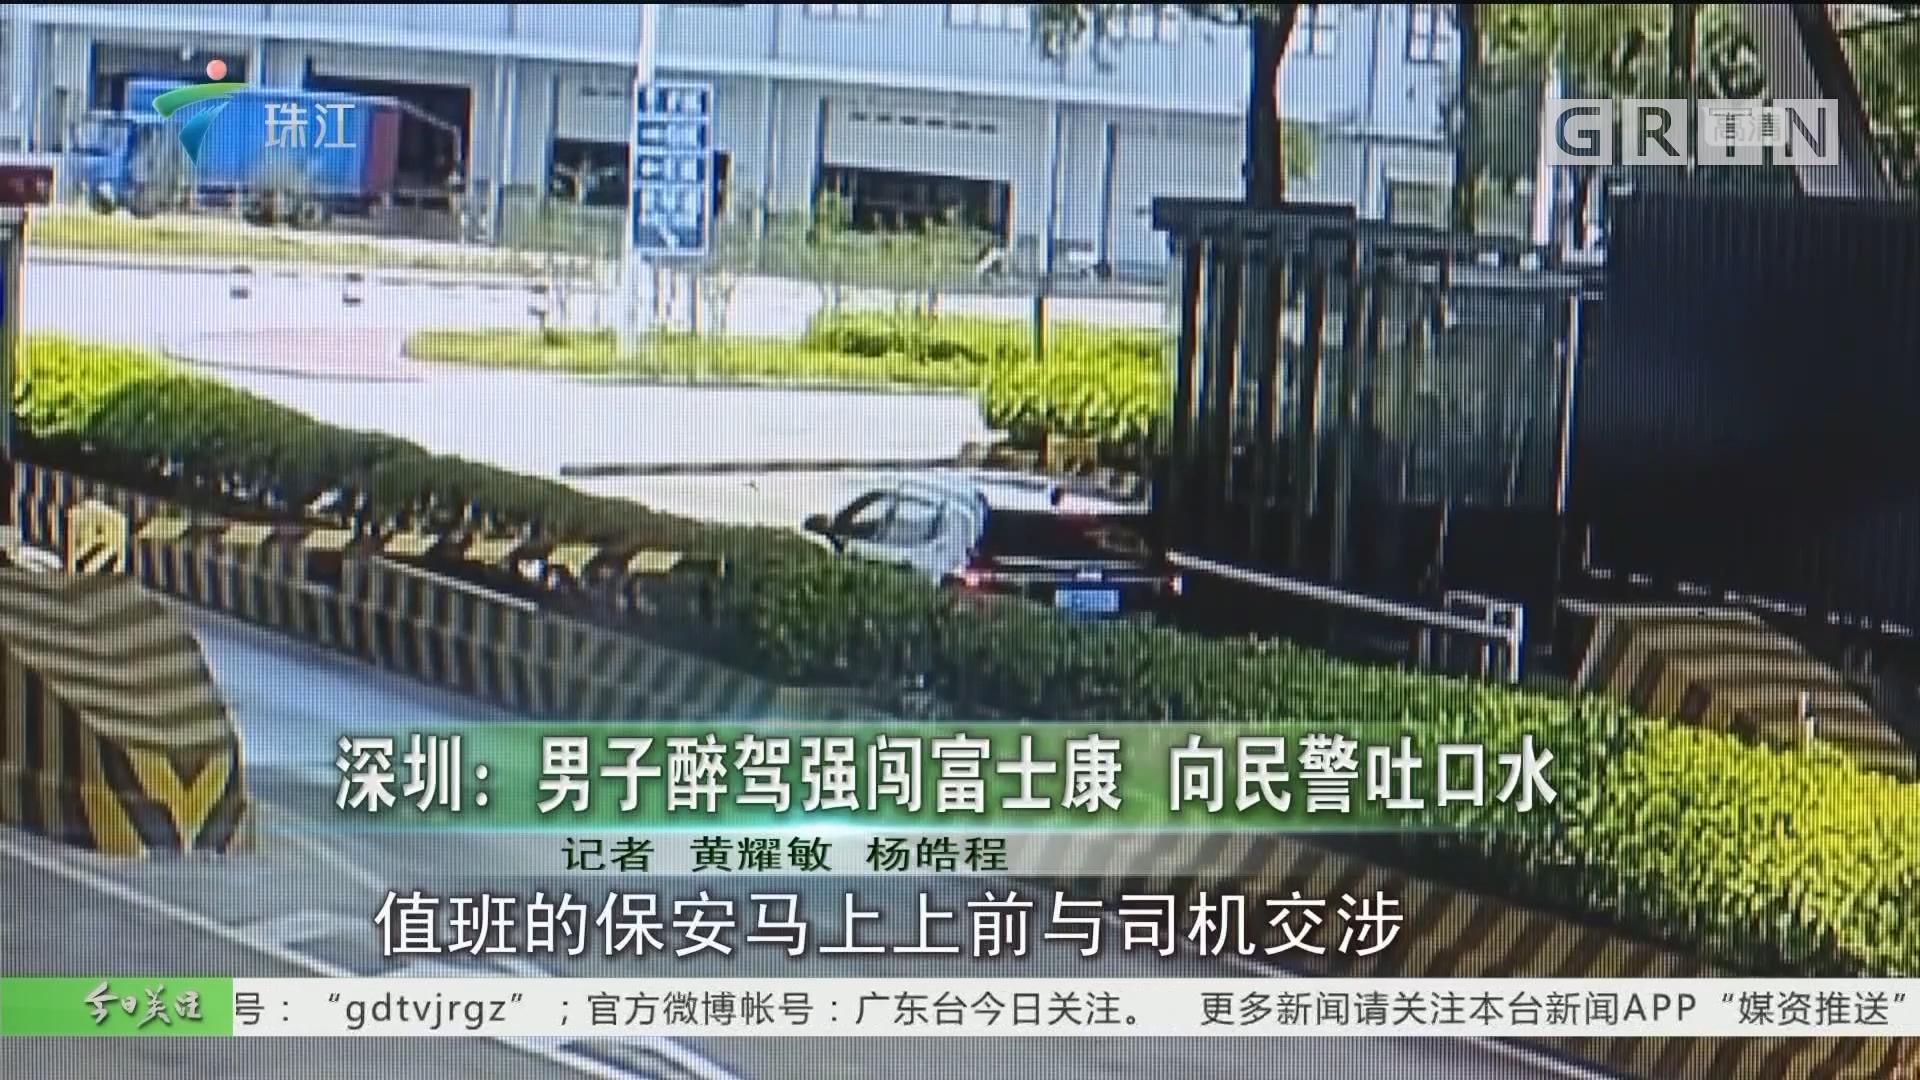 深圳:男子醉驾强闯富士康 向民警吐口水